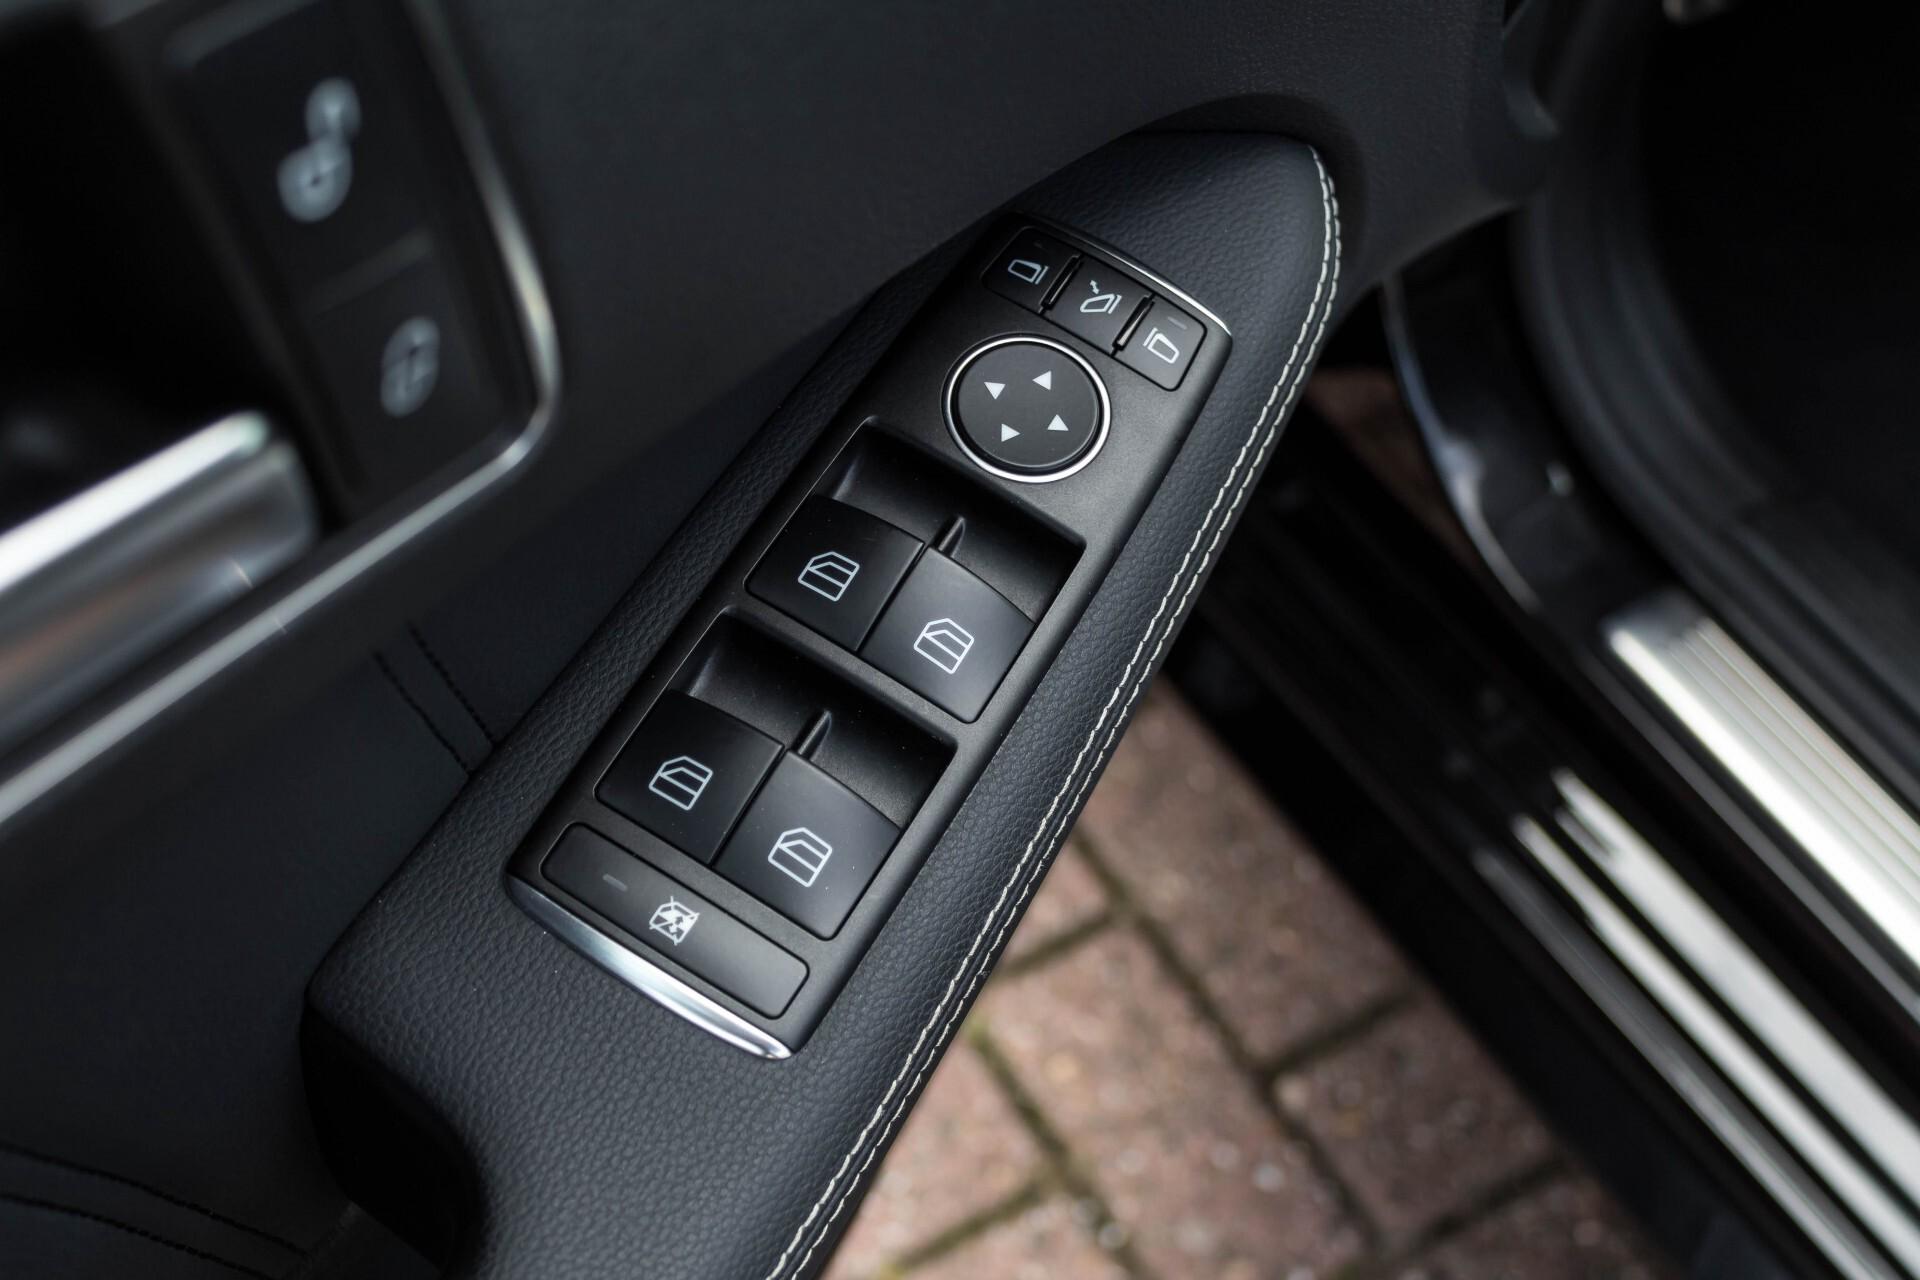 Mercedes-Benz E-Klasse Estate 350 Cdi AMG Luchtvering/Schuifdak/Comand/Harman Kardon/ILS Aut7 Foto 20